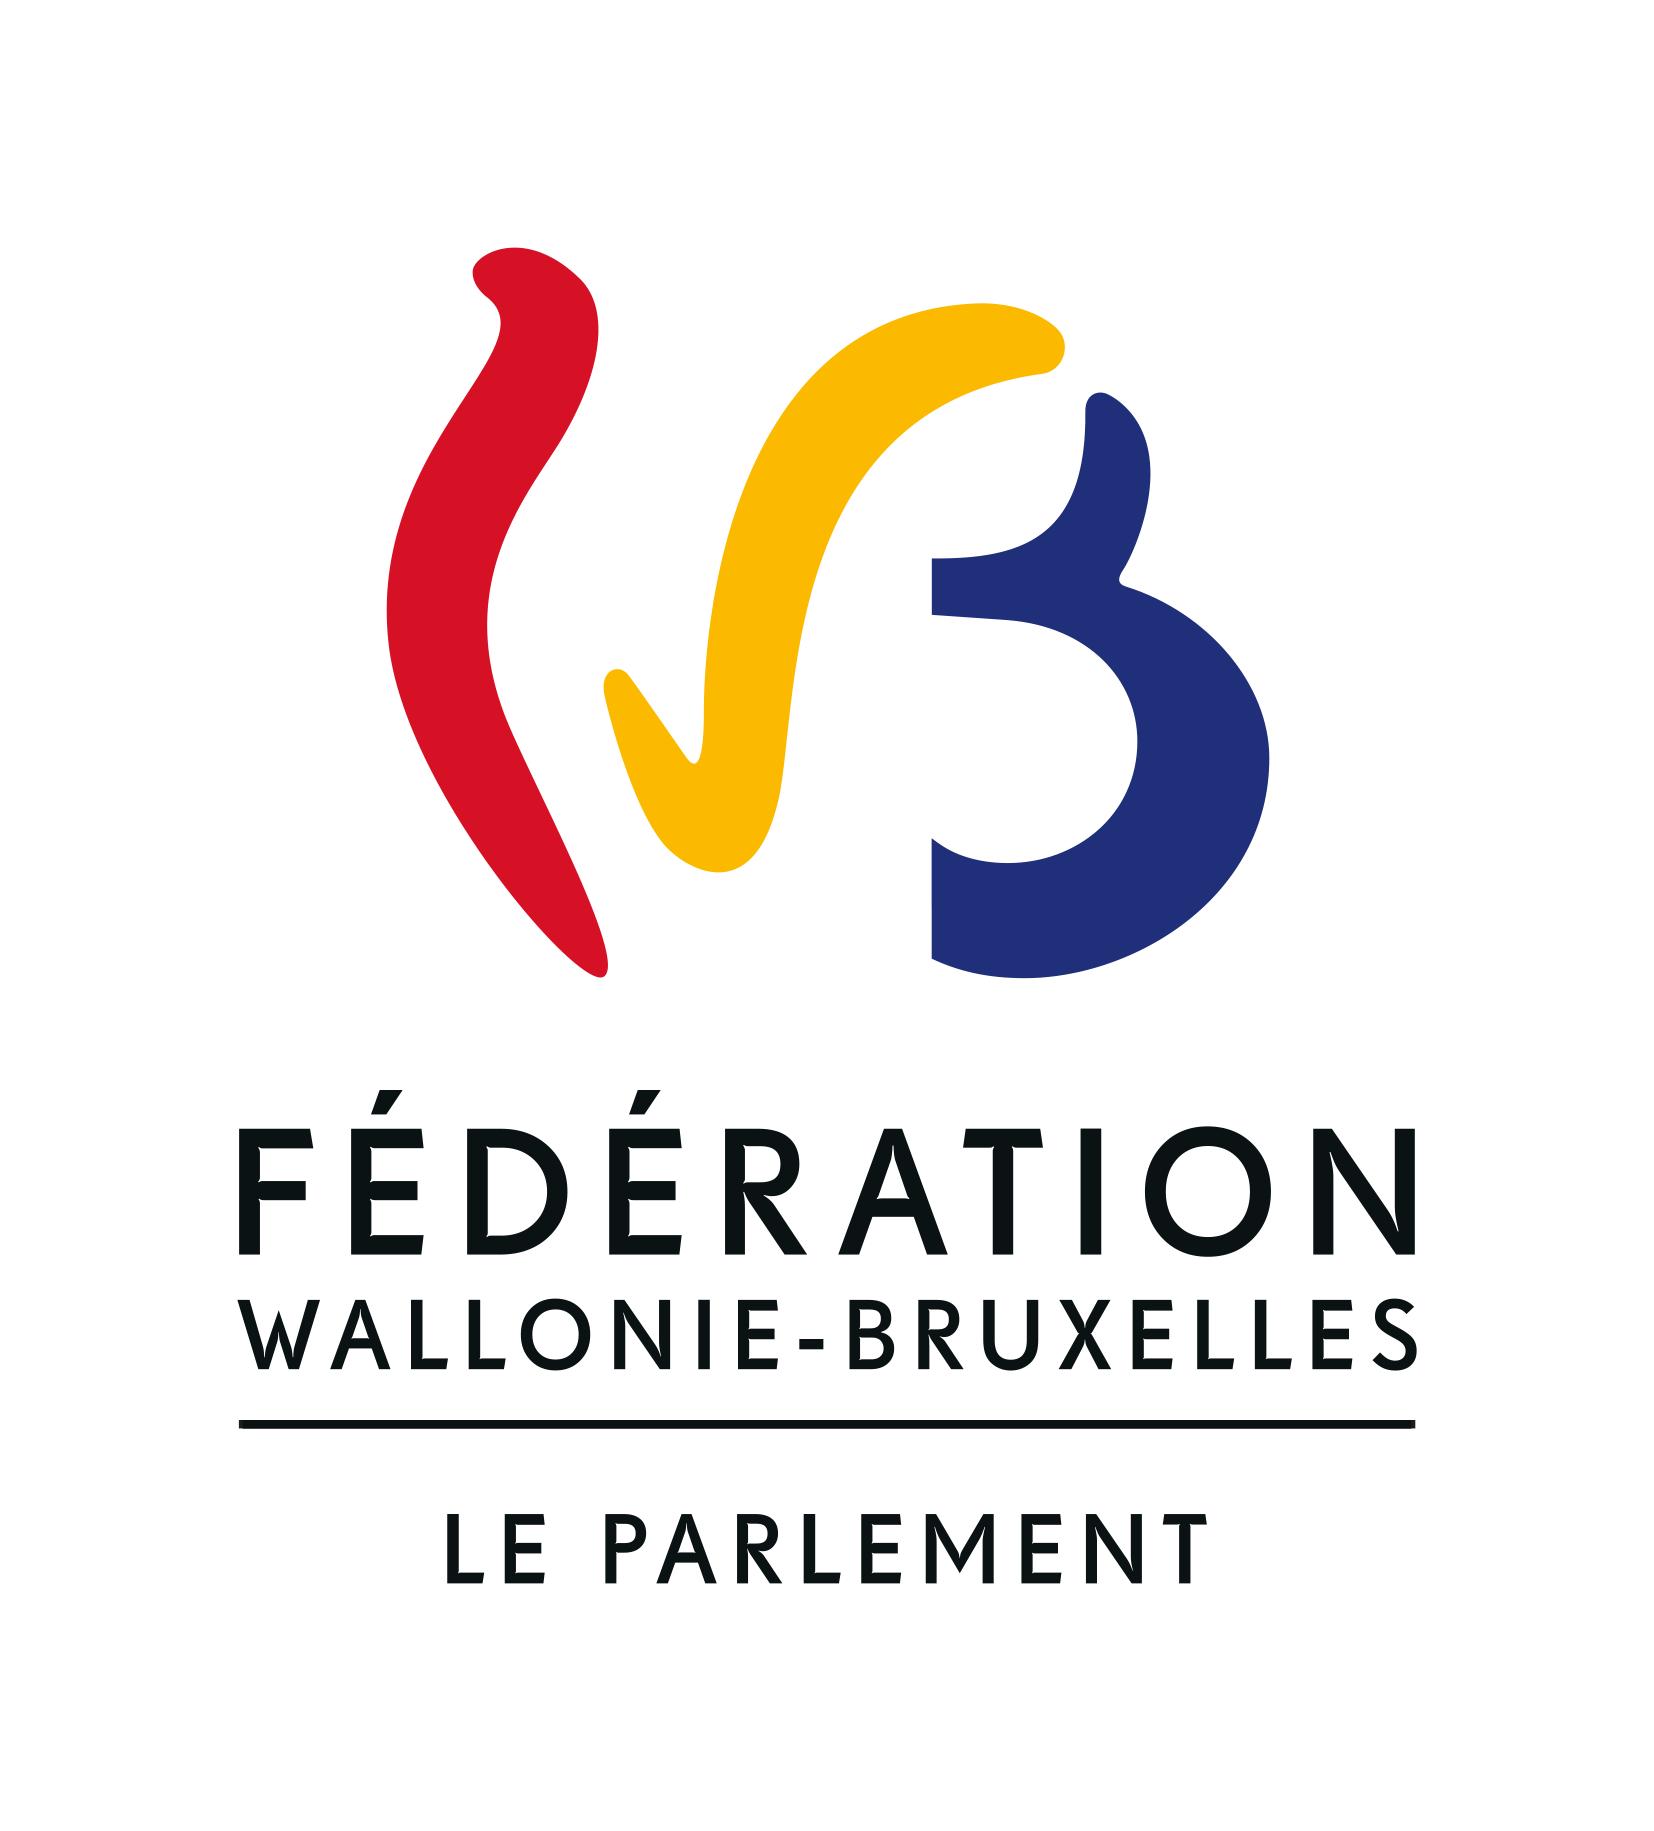 Le Parlement de la Fédération Wallonie-Bruxelles